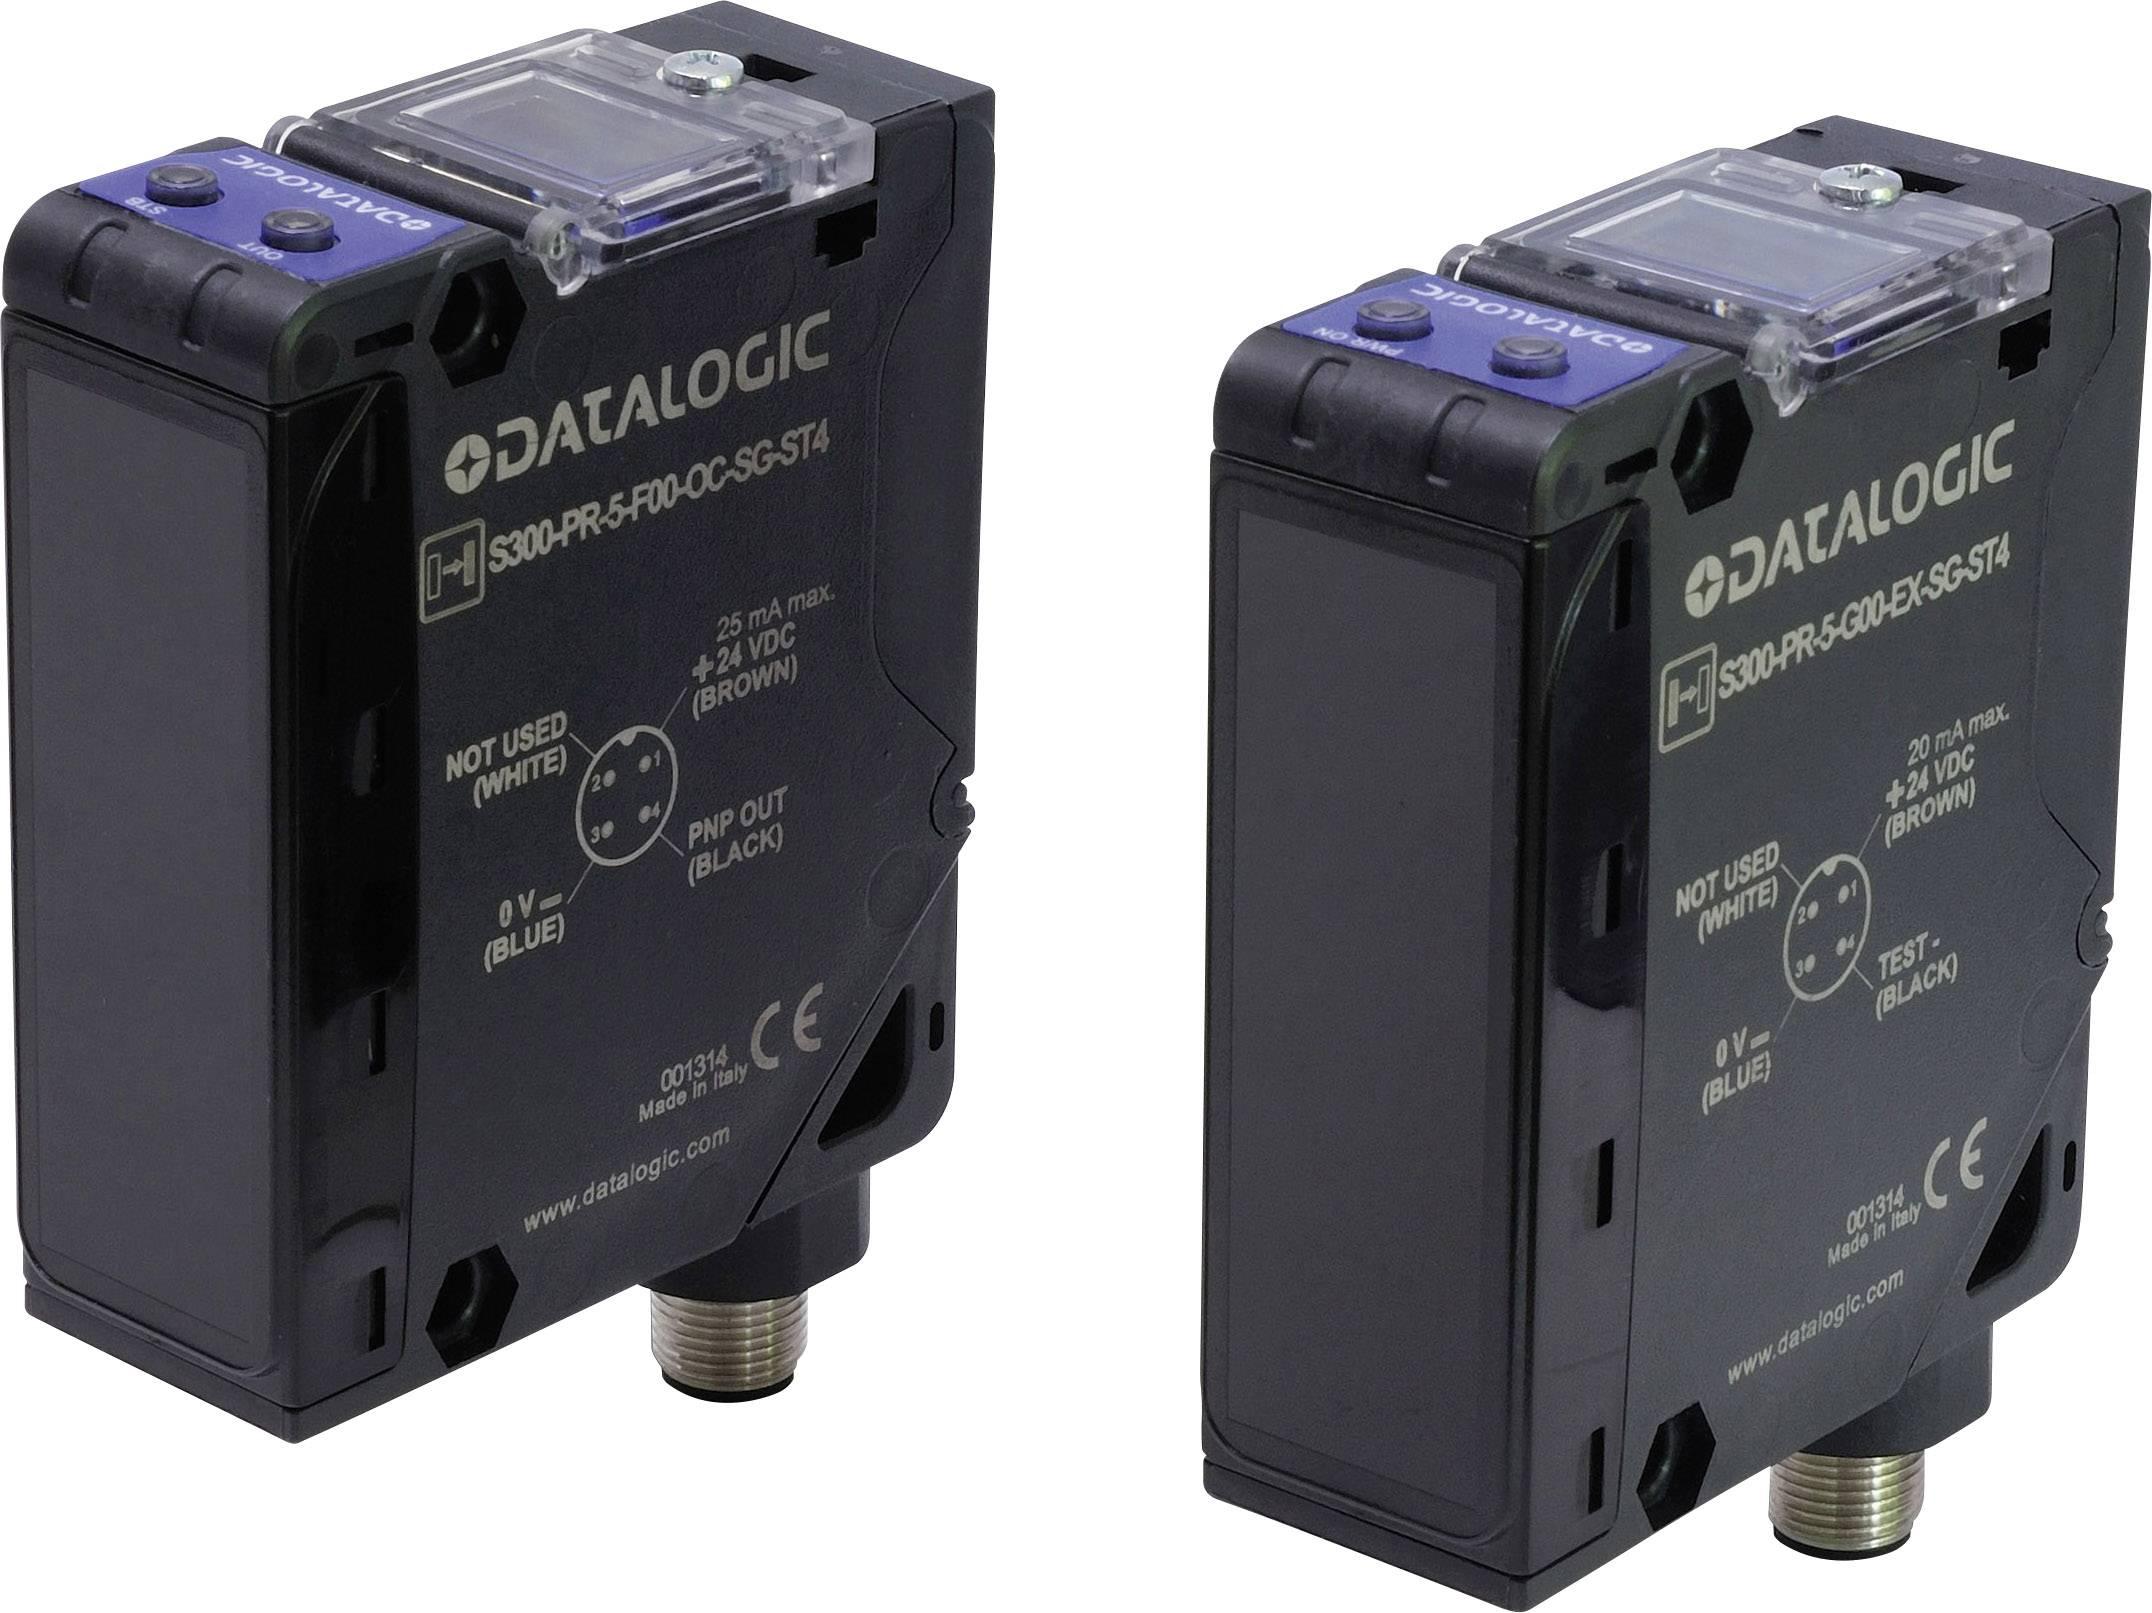 Reflexní světelná závora DataLogic S300-PR-1-B01-RX 951451040, Max. dosah 22 m